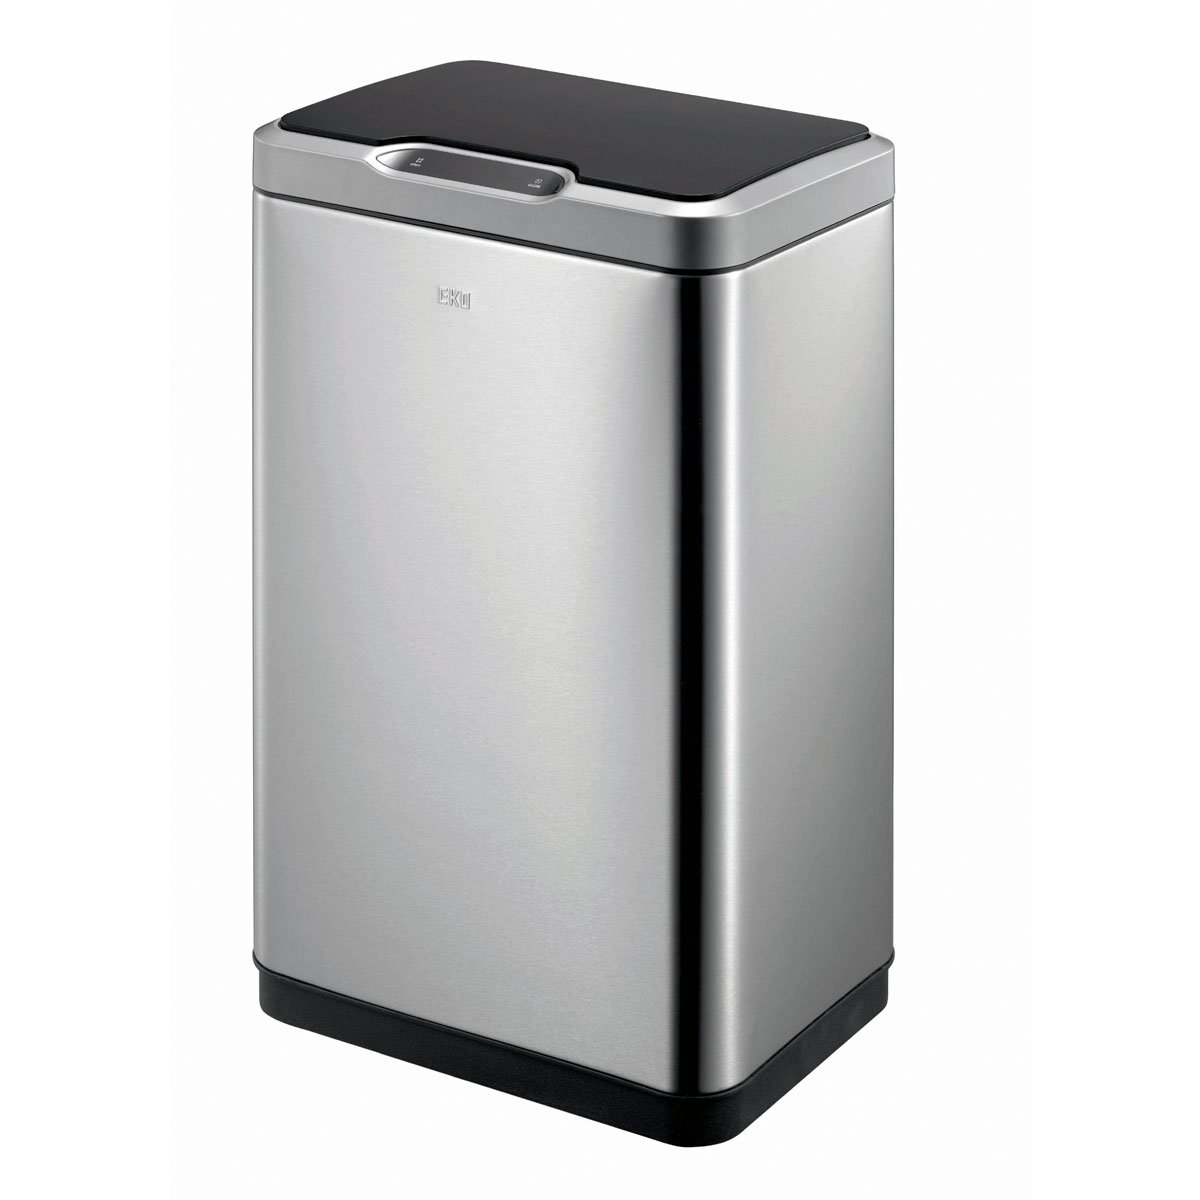 ゴミ箱 ごみ箱 センサー式 ふた付き ステンレス 30リットル EKO ミラージュセンサービン 30L EK9278MT B074L4YD2Q